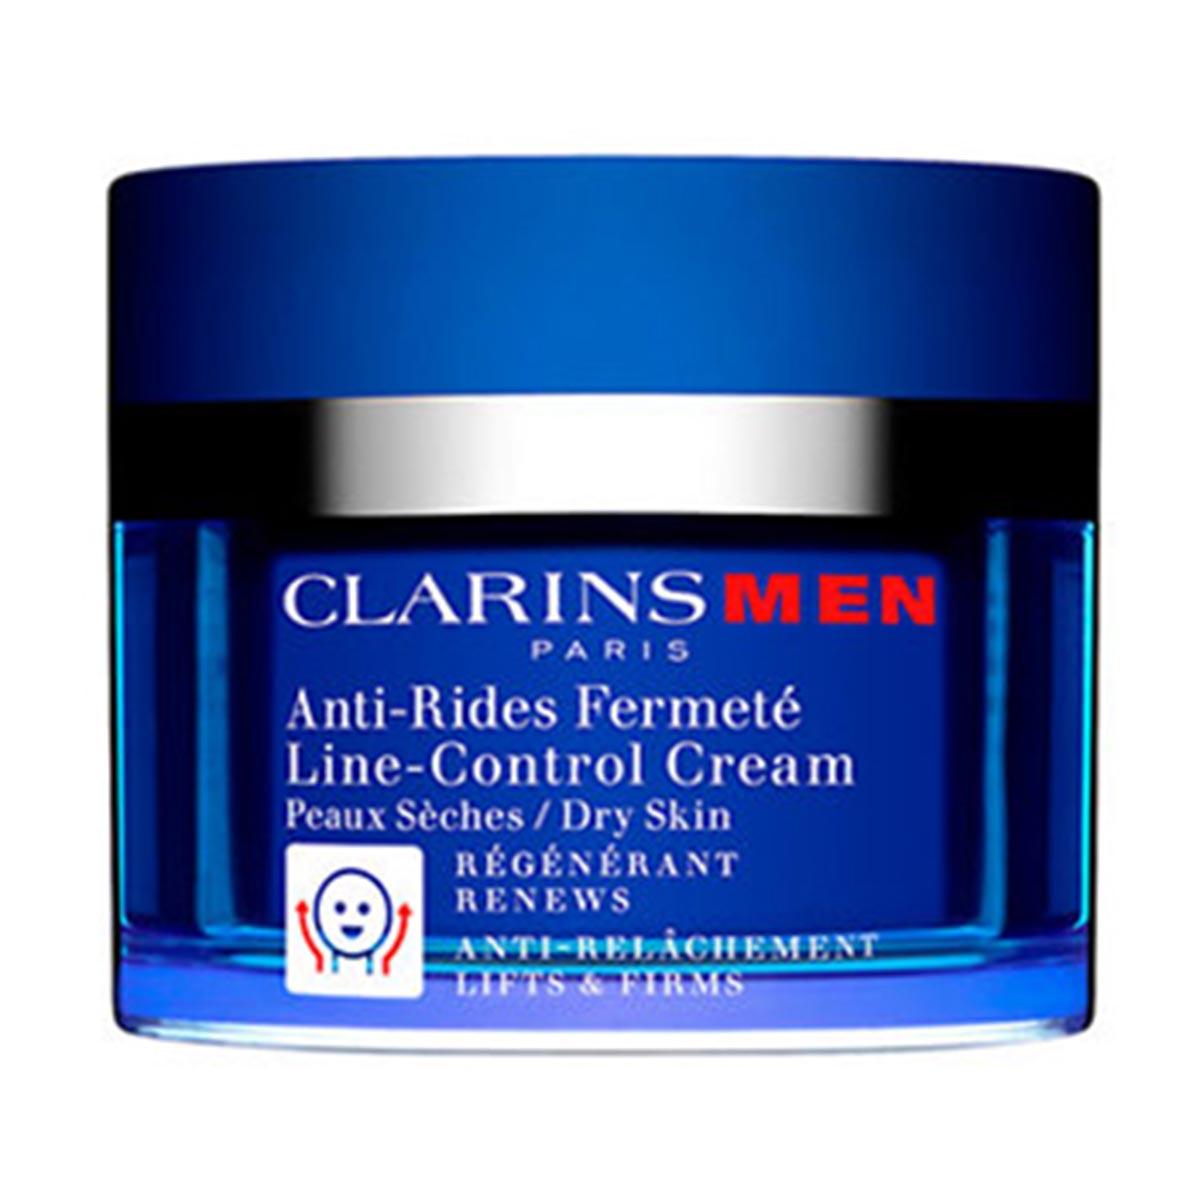 Clarins men crema anti arrugas pieles secas 50ml